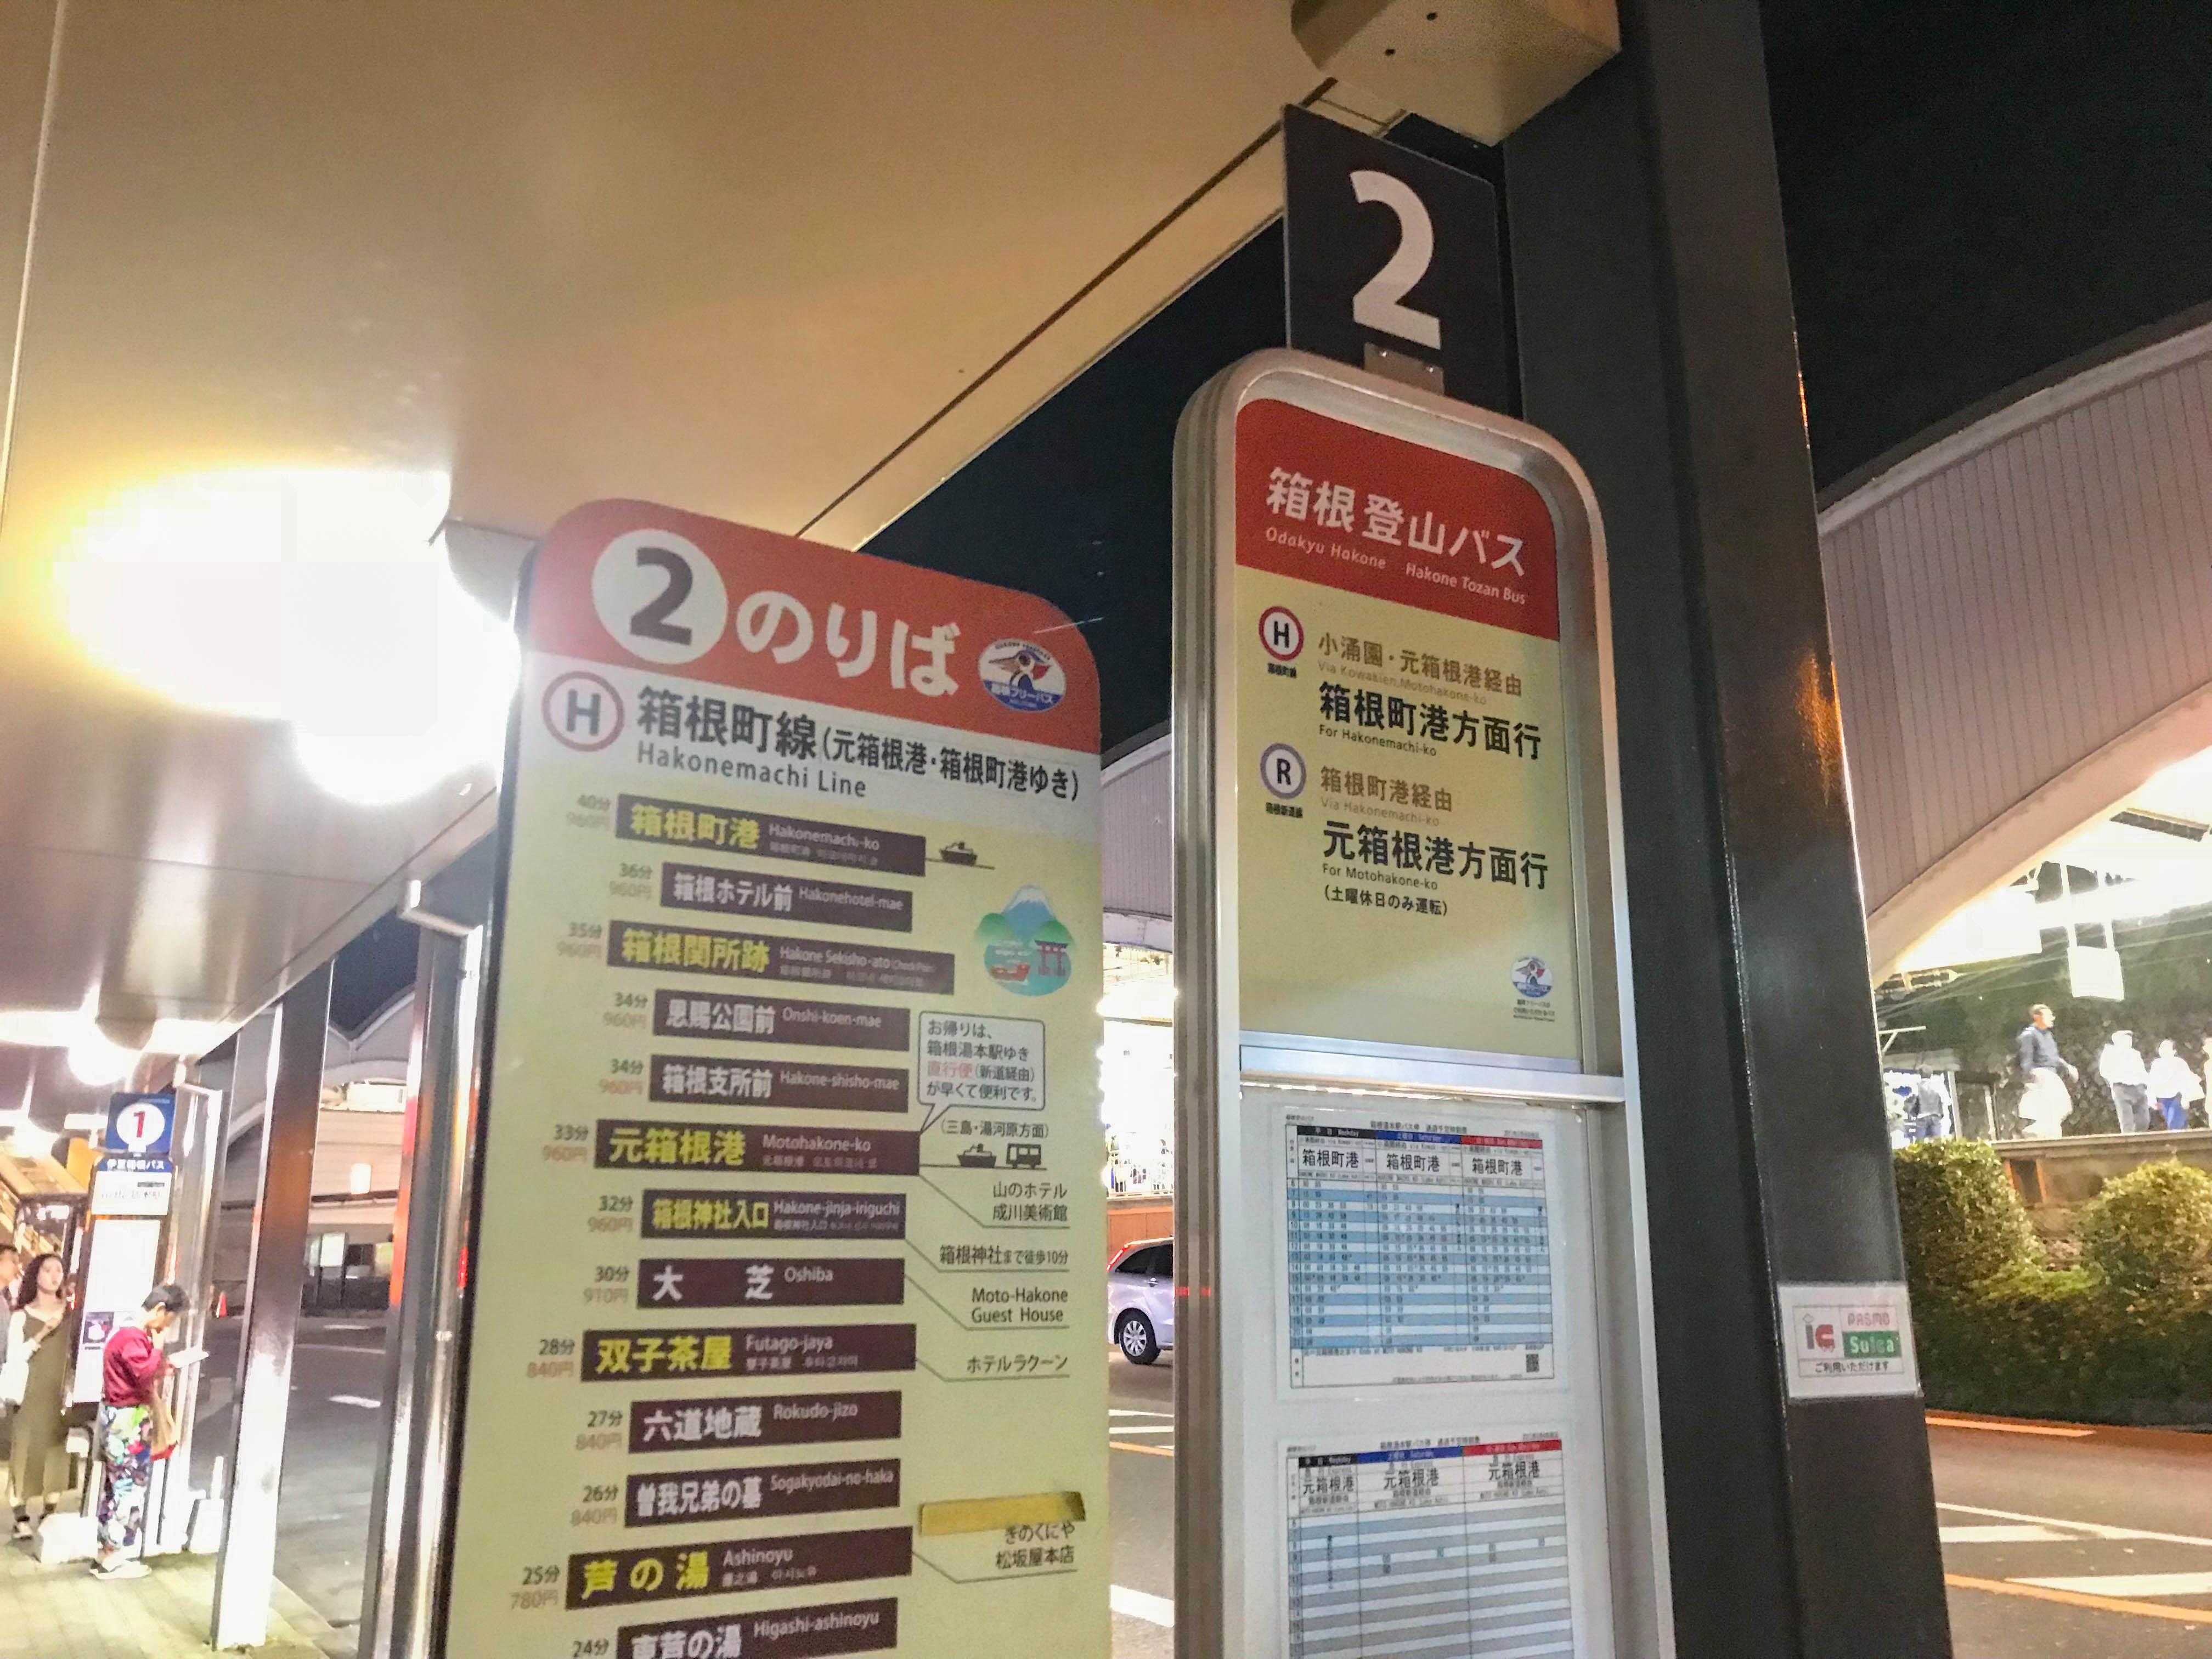 箱根登山バス 箱根湯本駅バス停